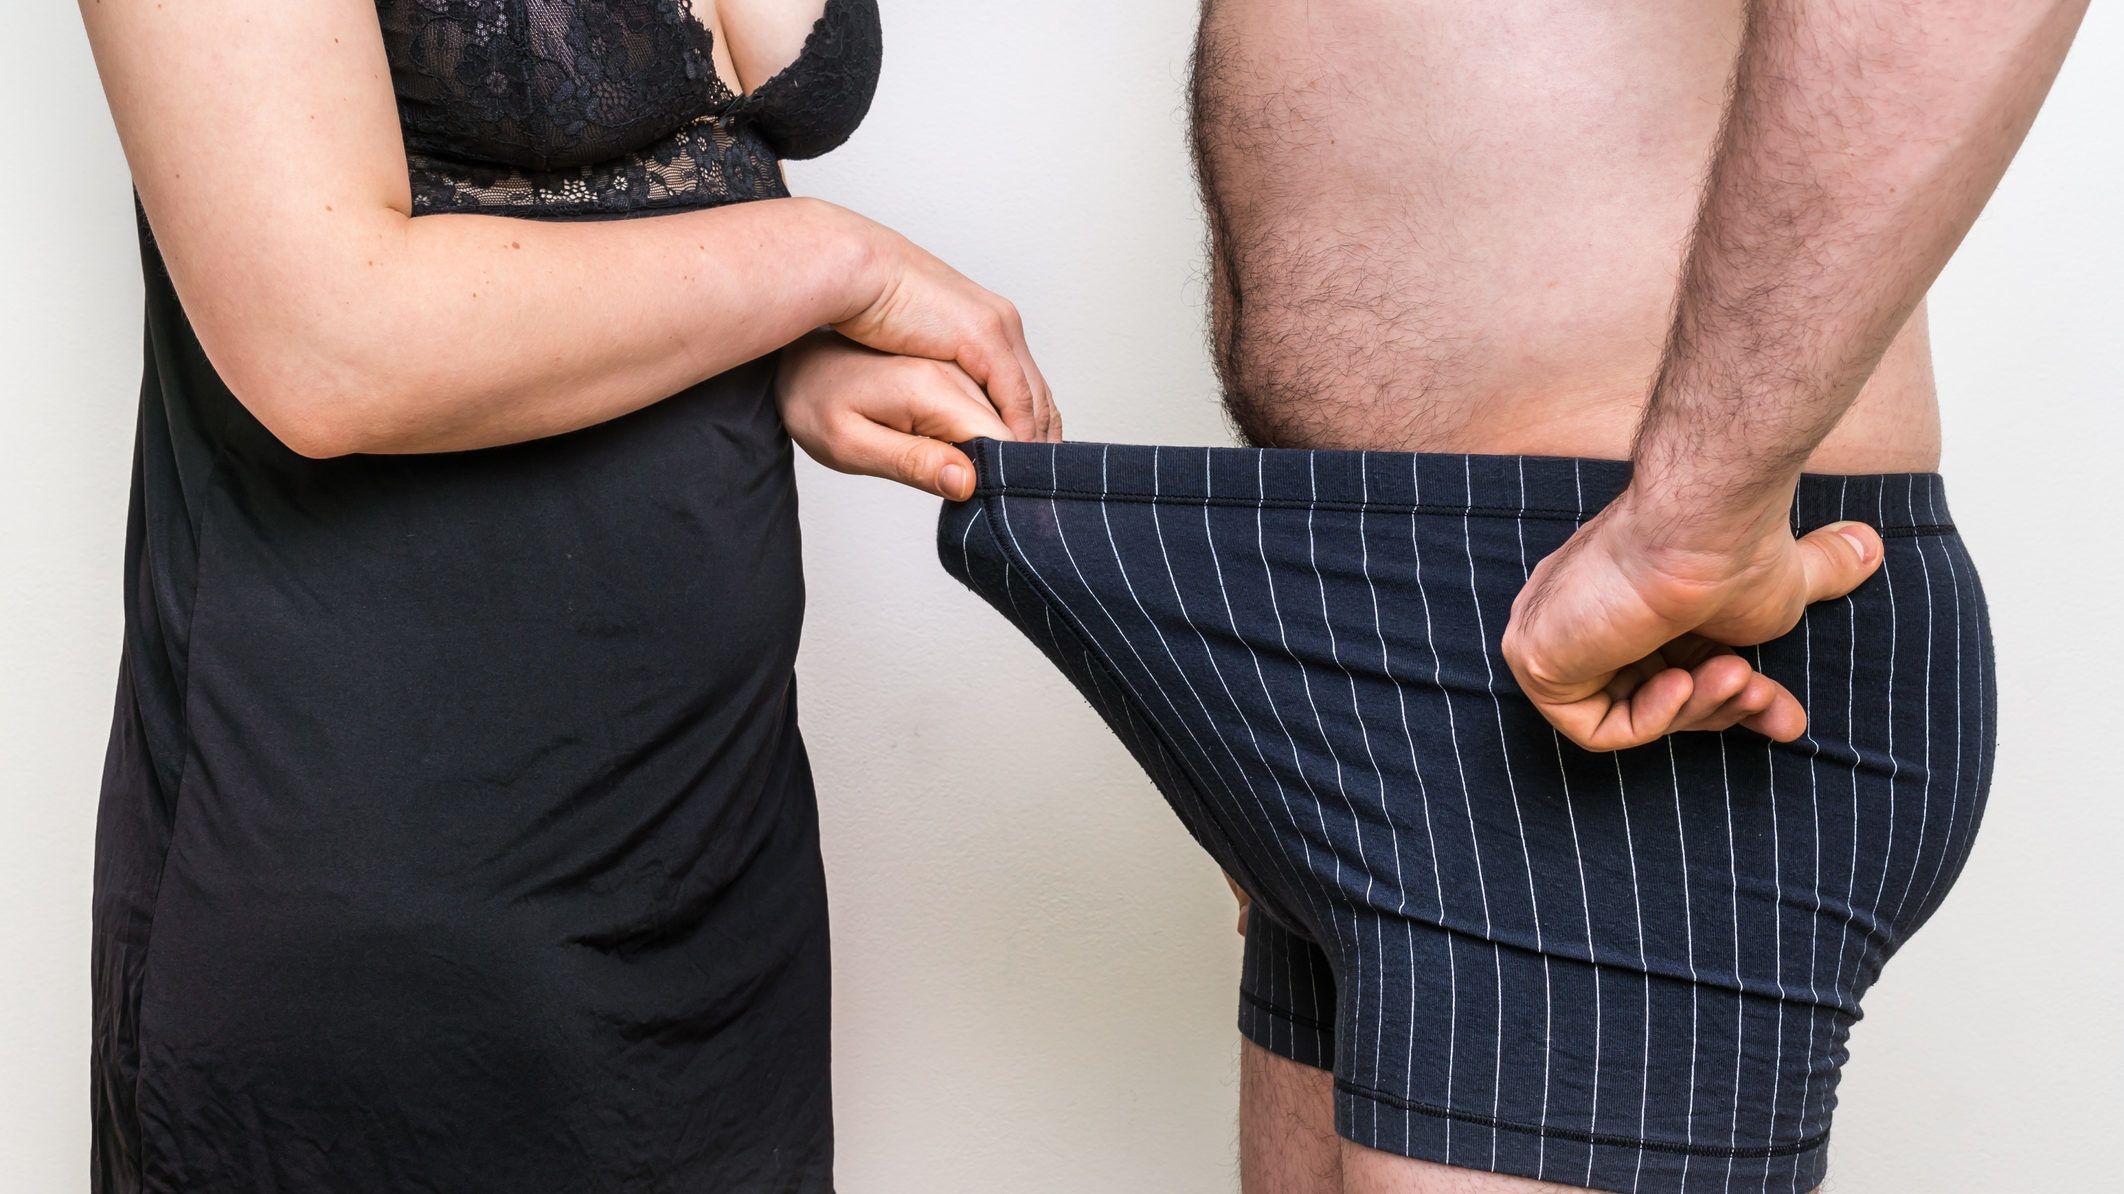 milyen méretű a kis pénisz szabad legyen kitenni a fejet az erekció során